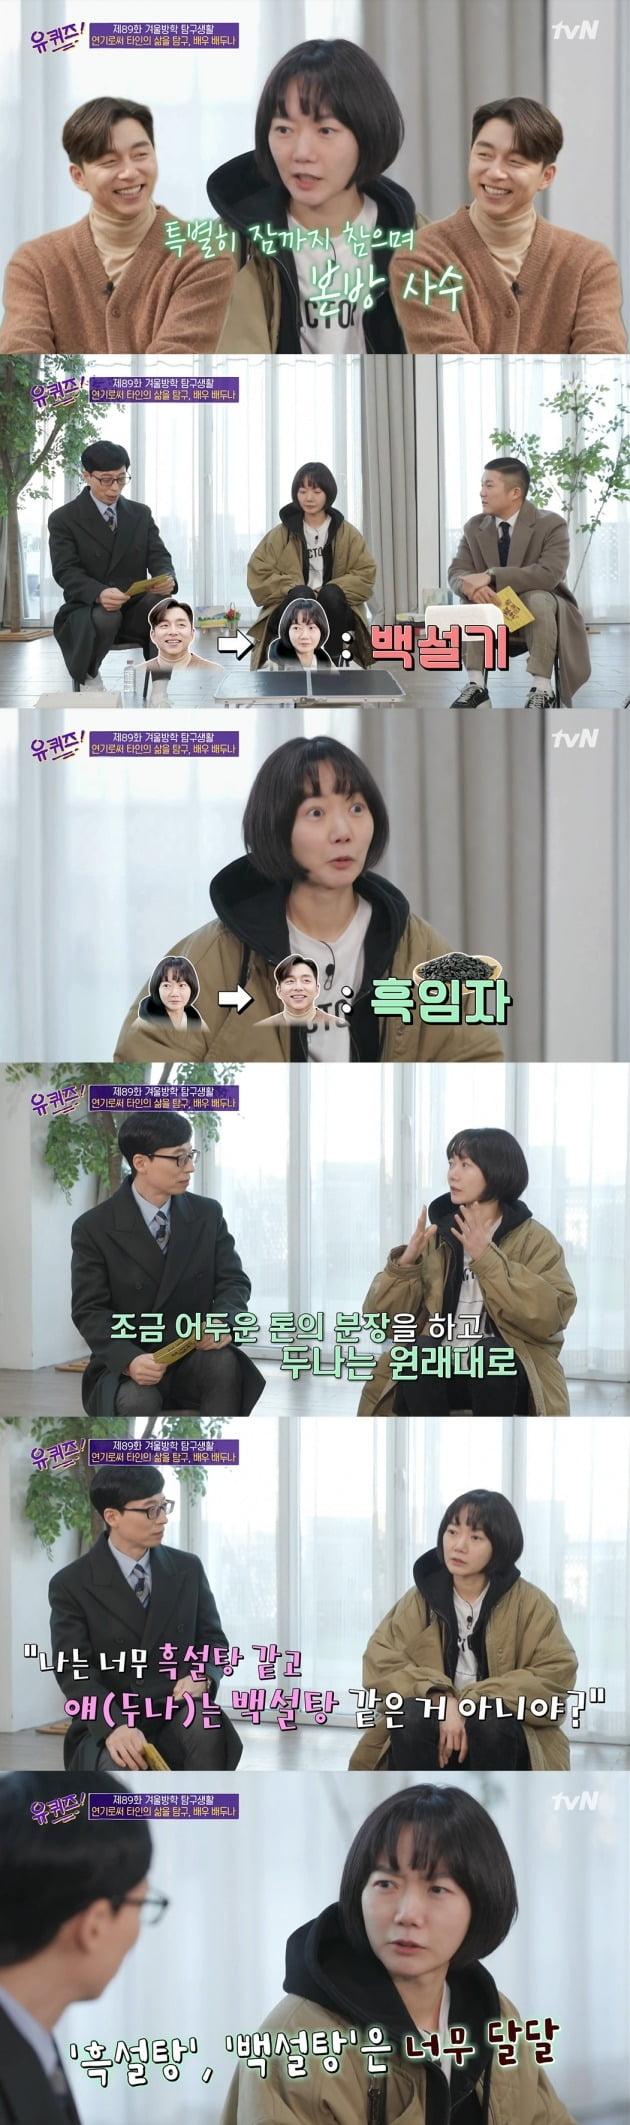 배우 배두나가 '유 퀴즈'에 출연했다. / 사진=tvN 방송 캡처